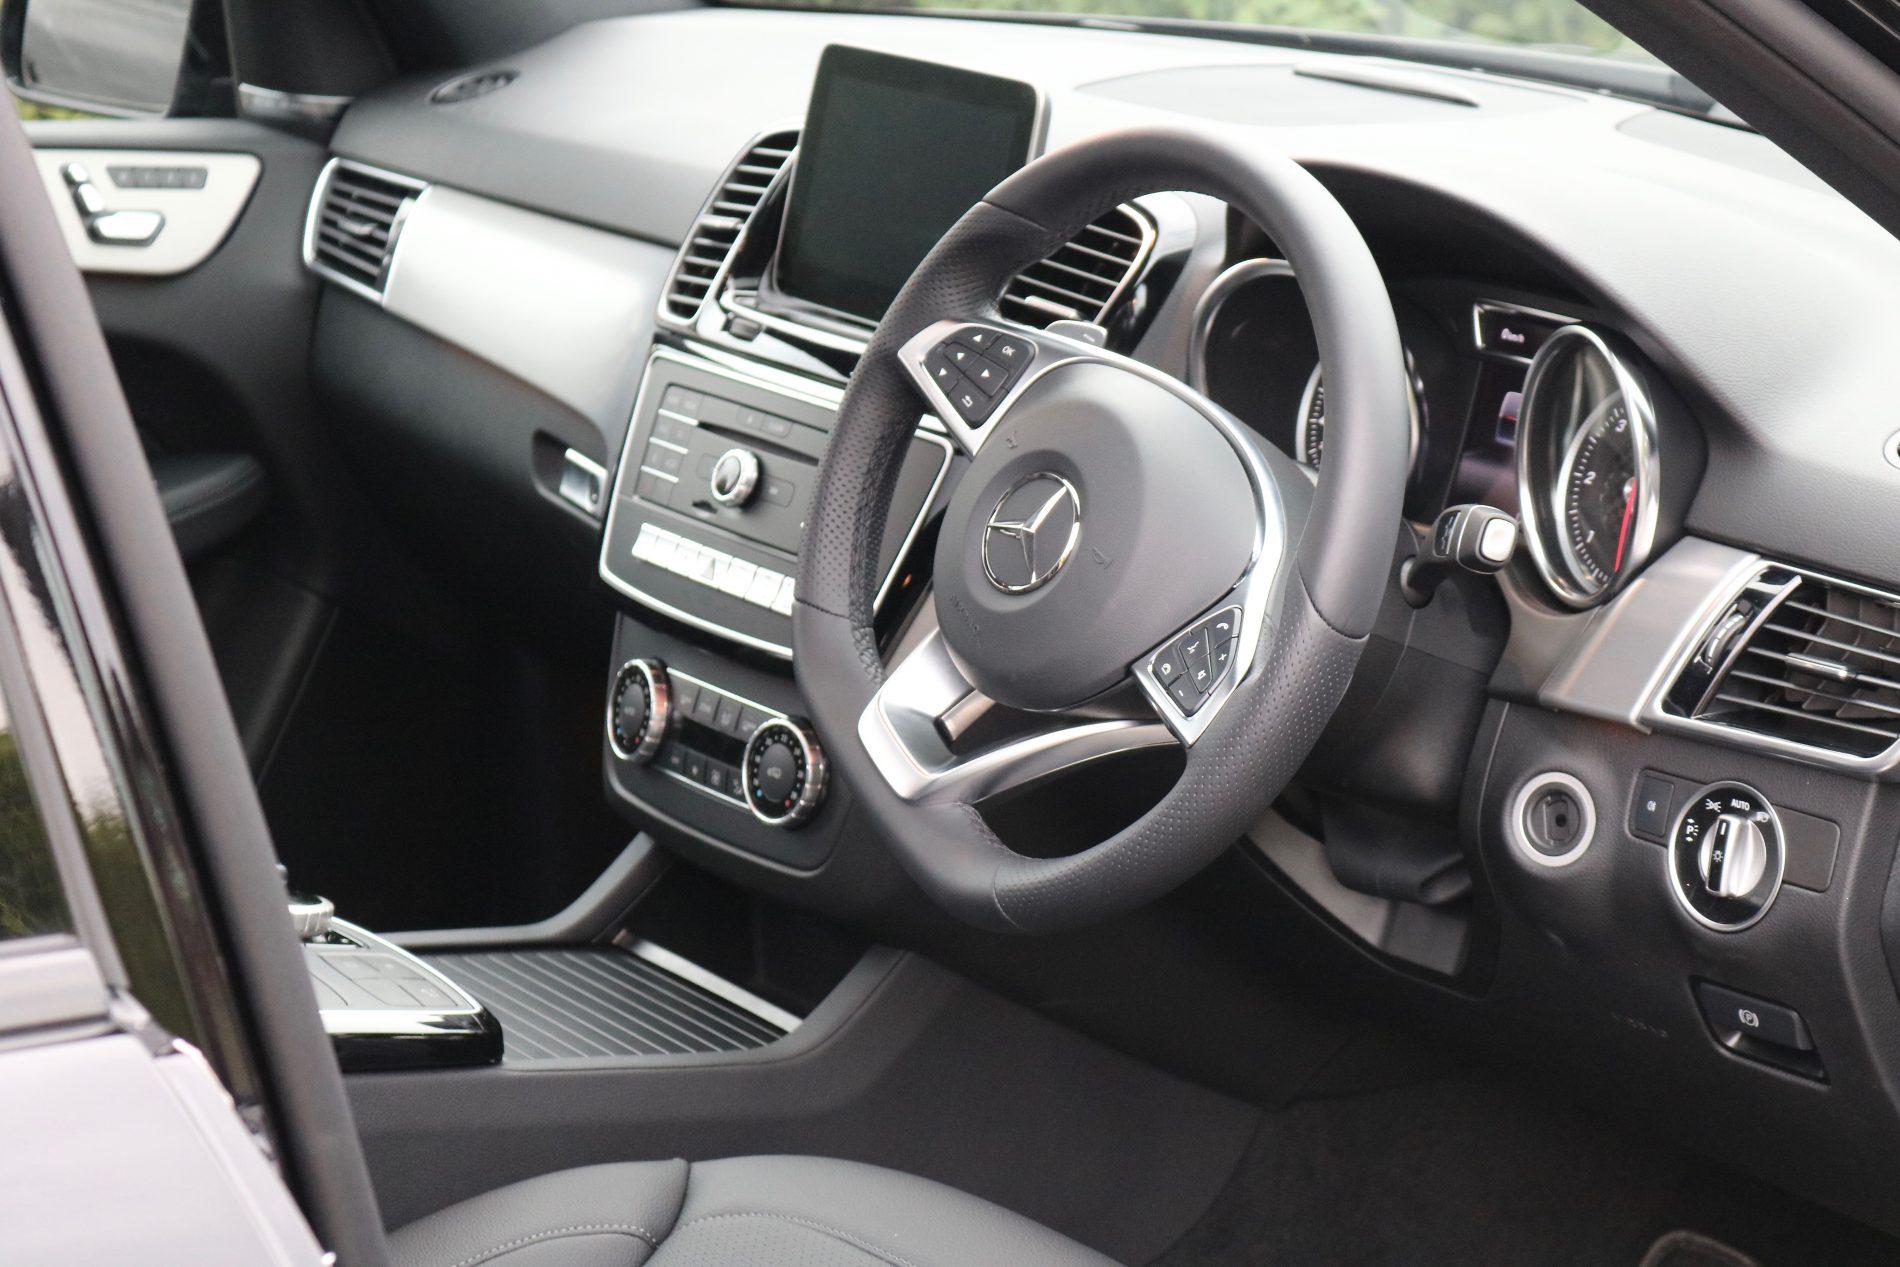 Roadtrip In The Mercedes GLE